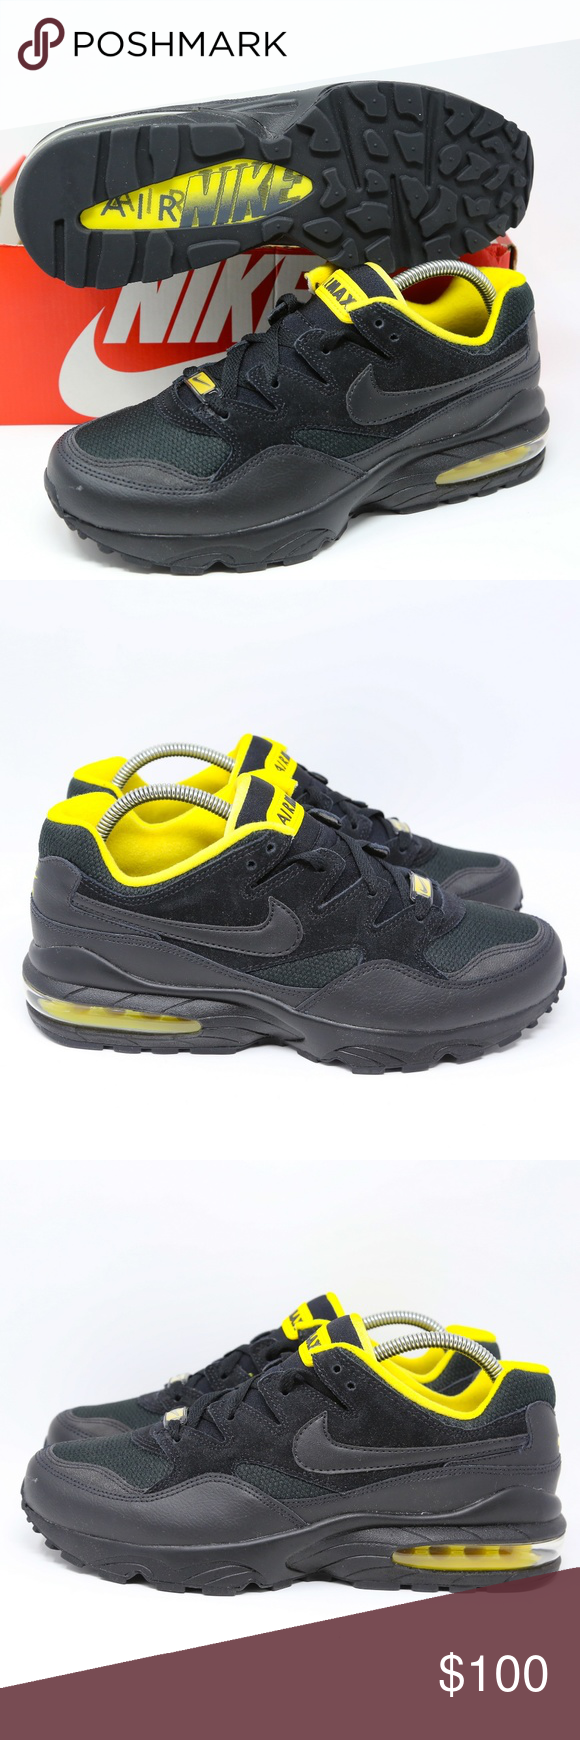 Nike Air Max 94 SE Men's Running Shoe Sneakers AV8197 002